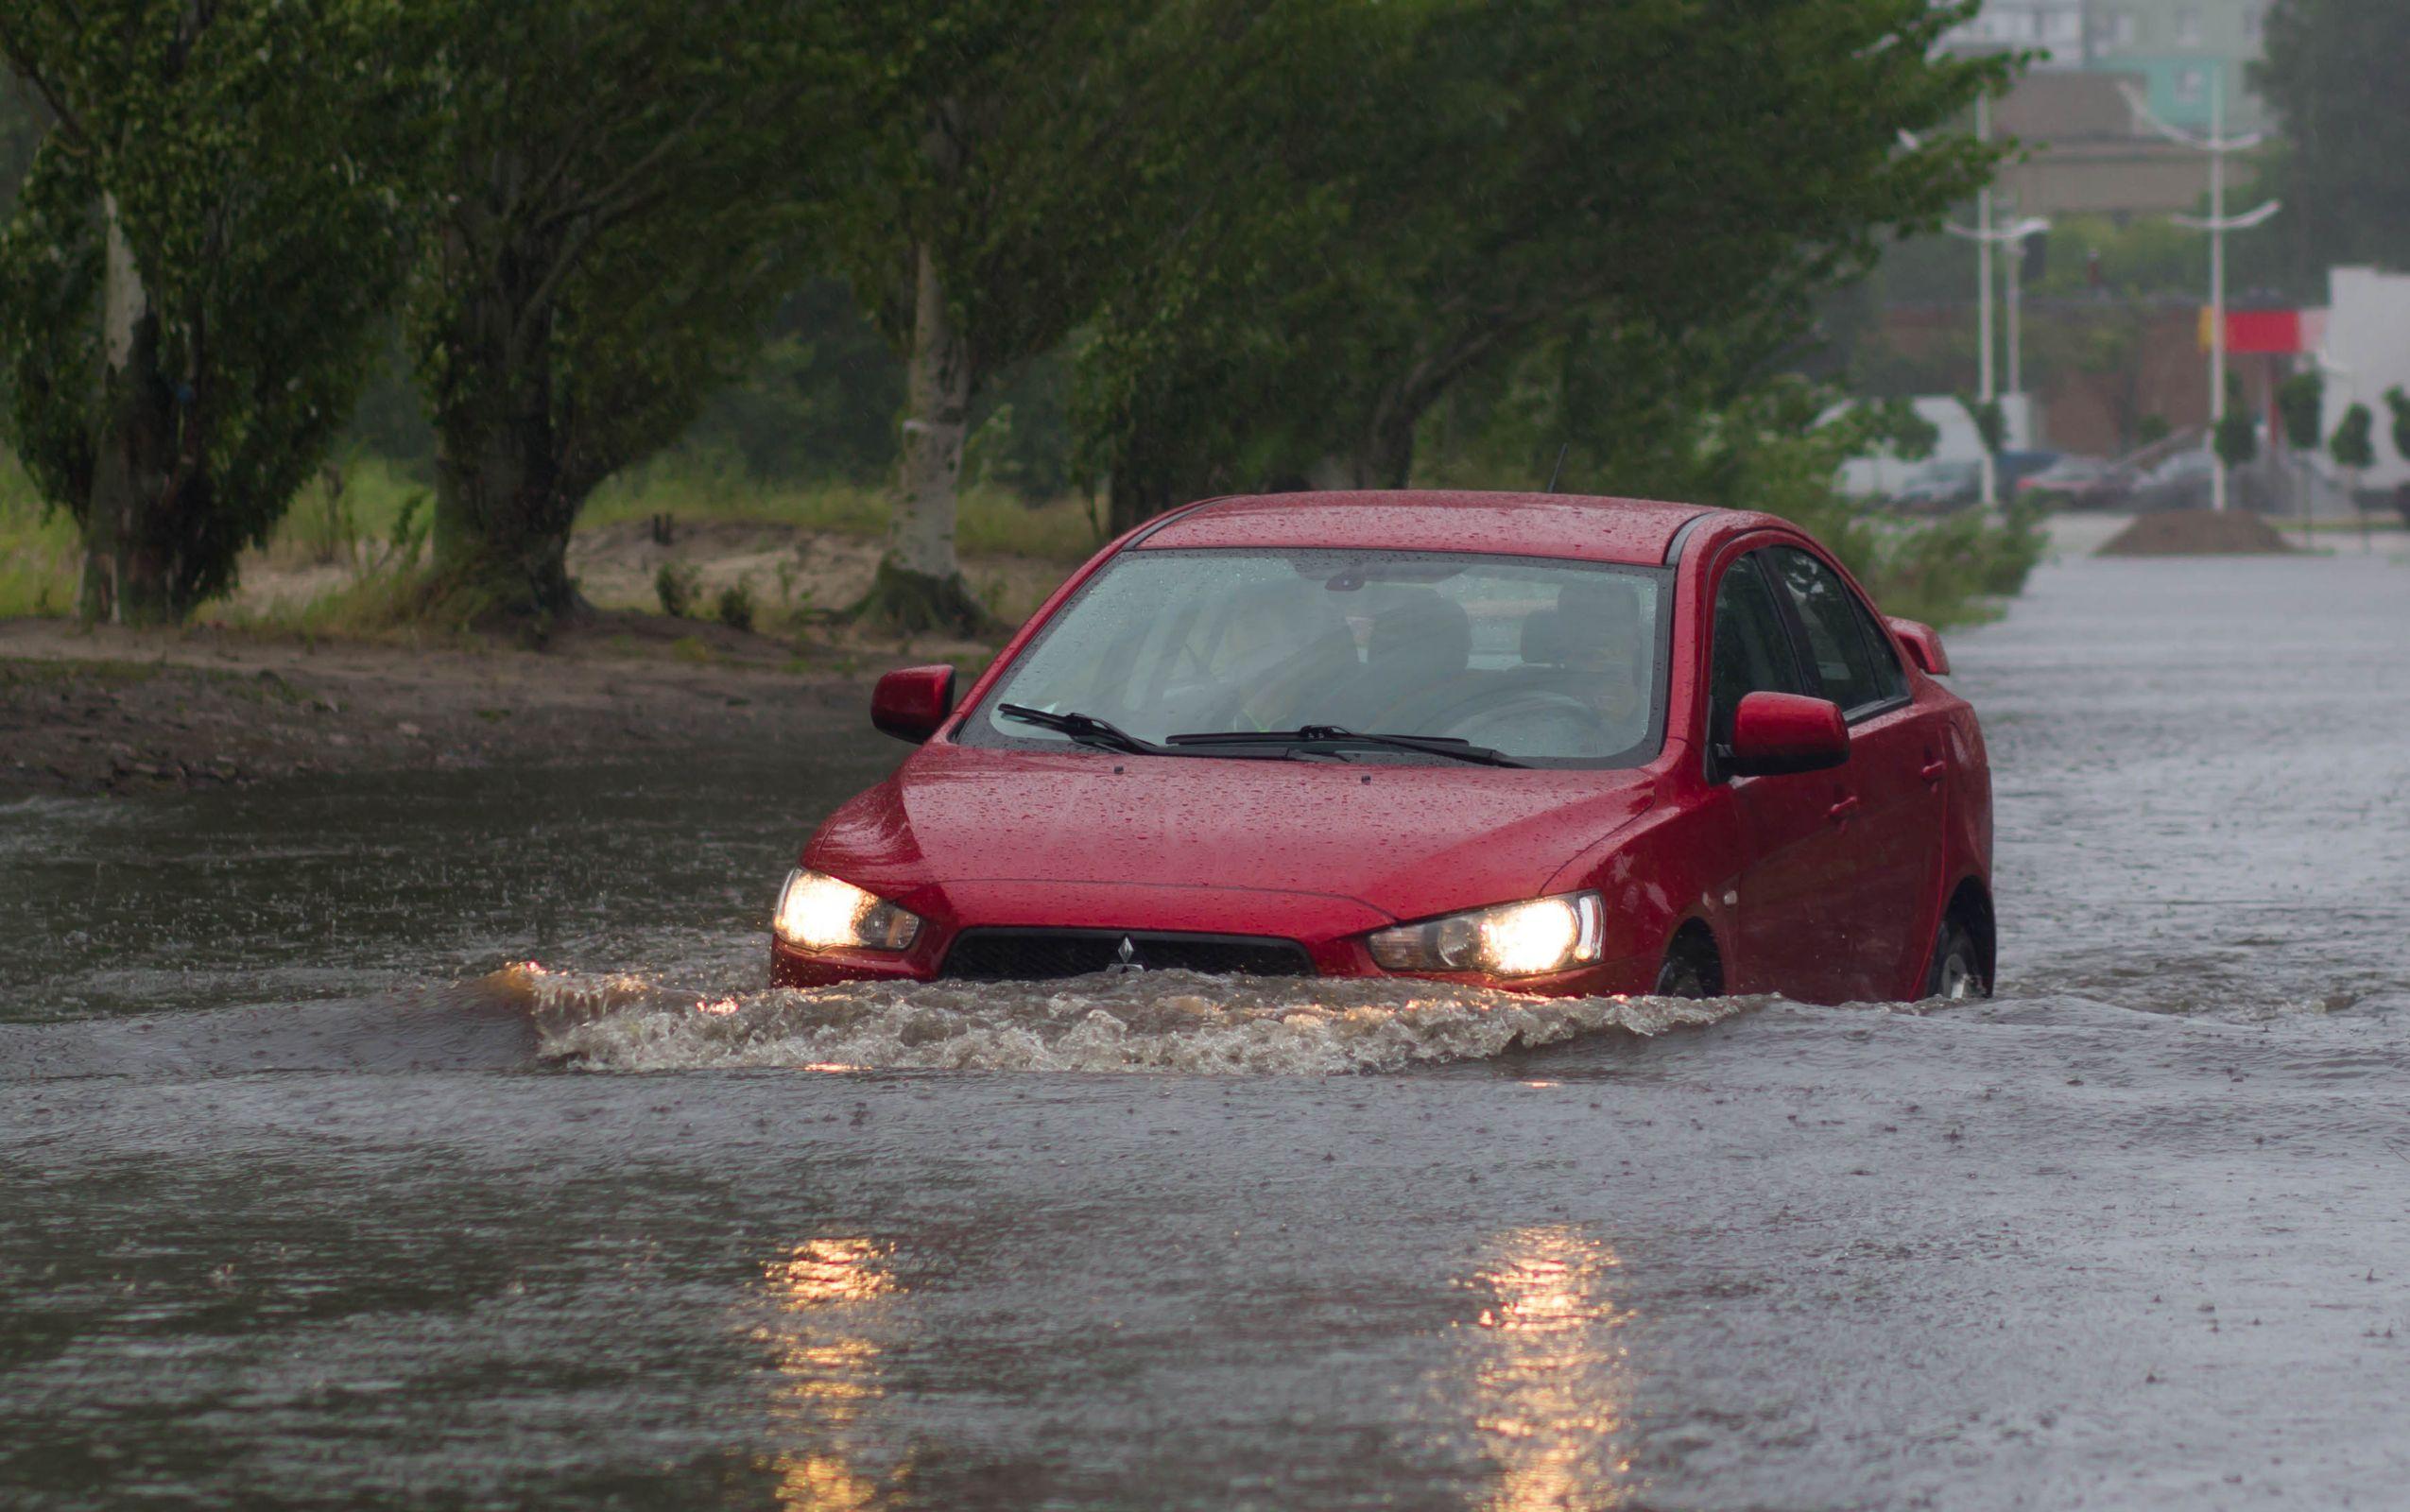 Os riscos são maiores quando os motoristas estão dirigindo na chuva. Listamos algumas dicas para passar pelas tempestades - e enchentes - sem prejuízo.